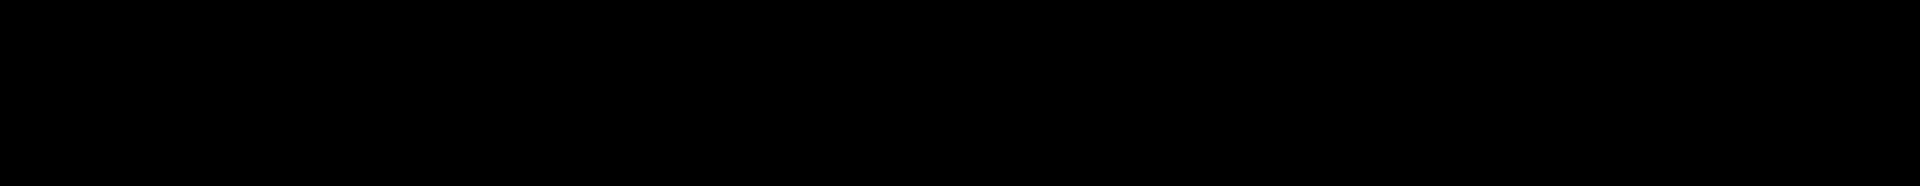 GFDM и тензоры. Продолжение - 13